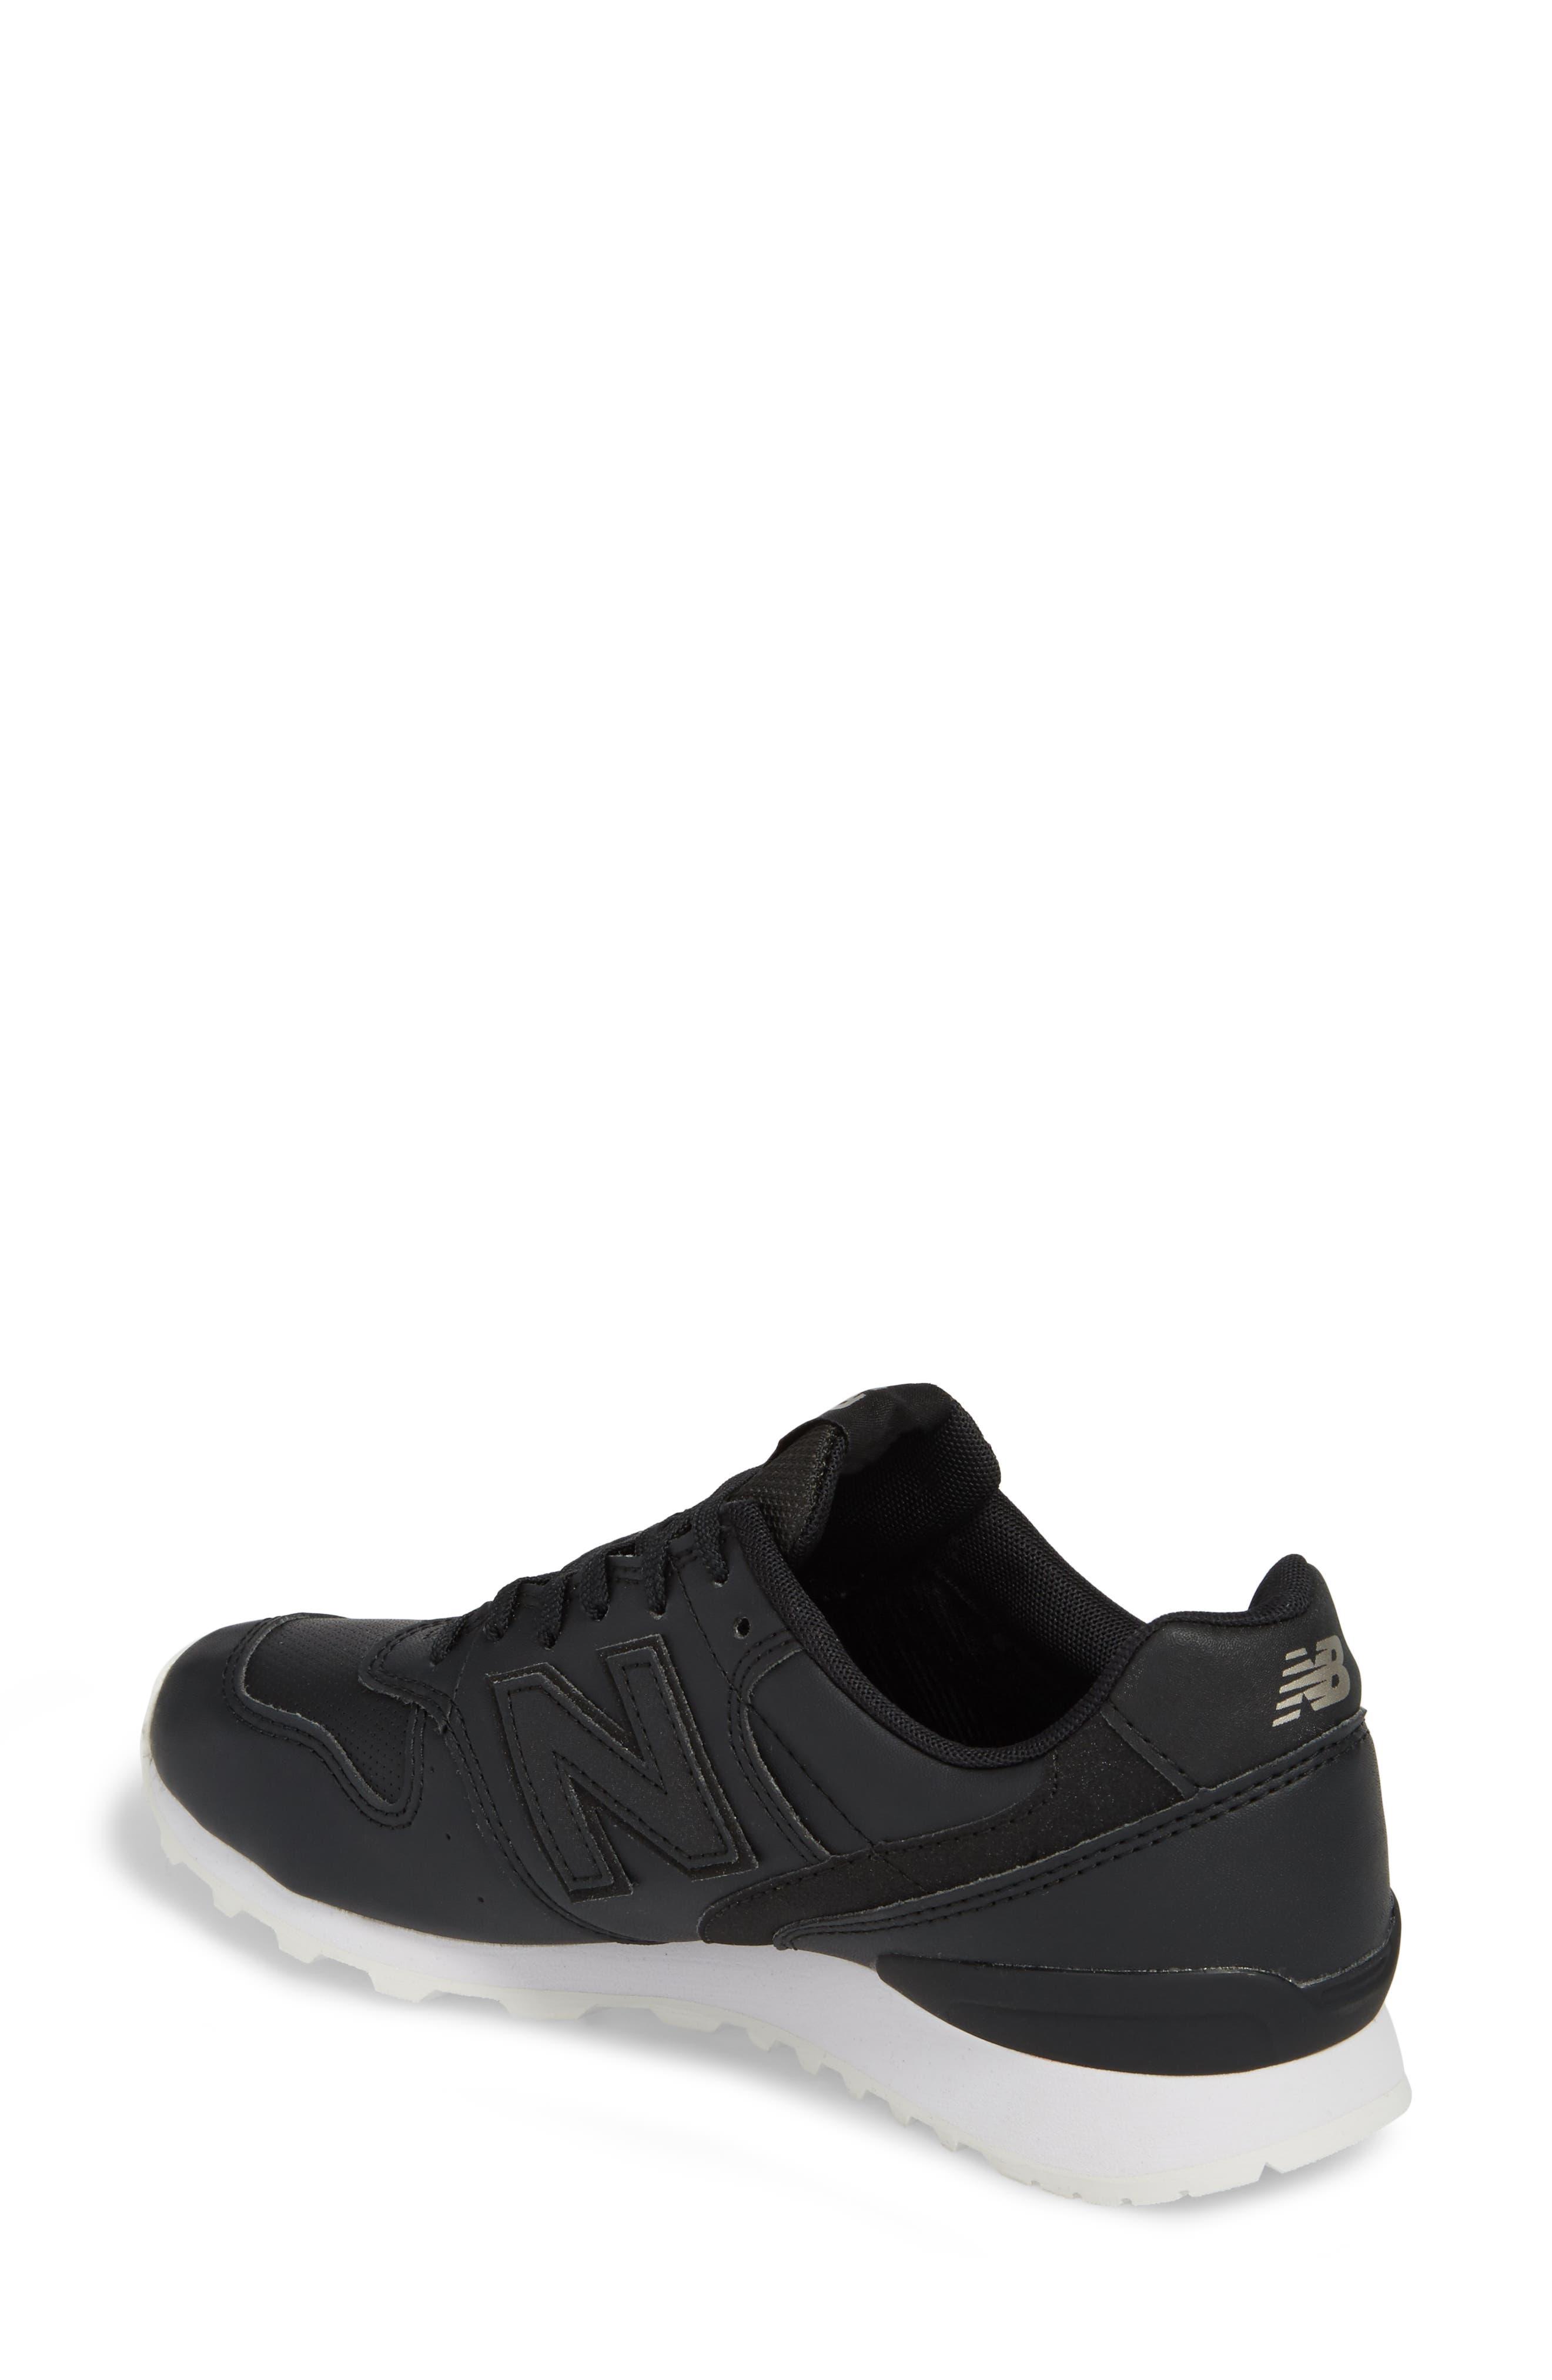 696 Sneaker,                             Alternate thumbnail 2, color,                             001